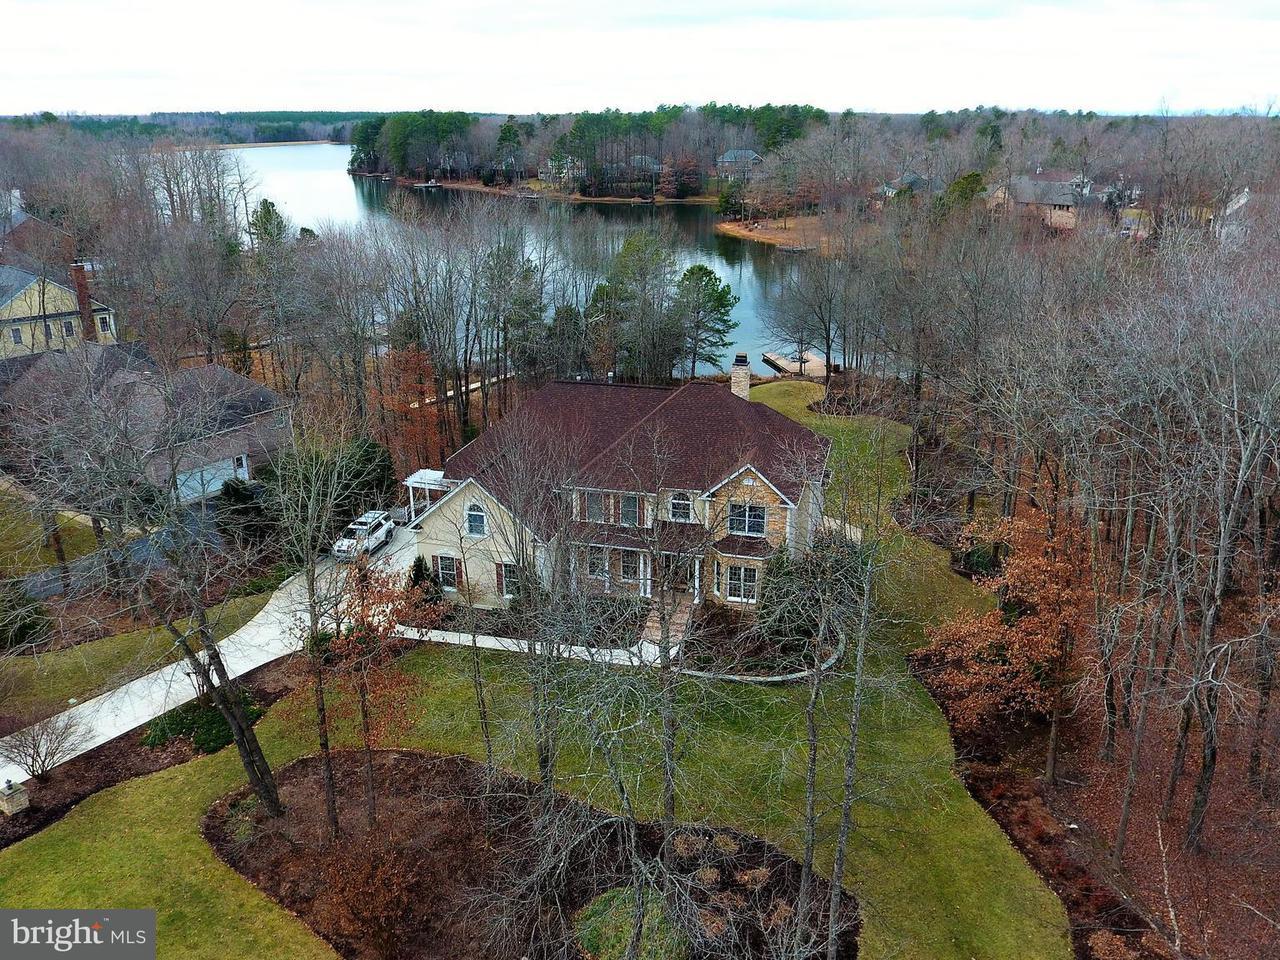 一戸建て のために 売買 アット 11204 Fawn Lake Pkwy 11204 Fawn Lake Pkwy Spotsylvania, バージニア 22551 アメリカ合衆国